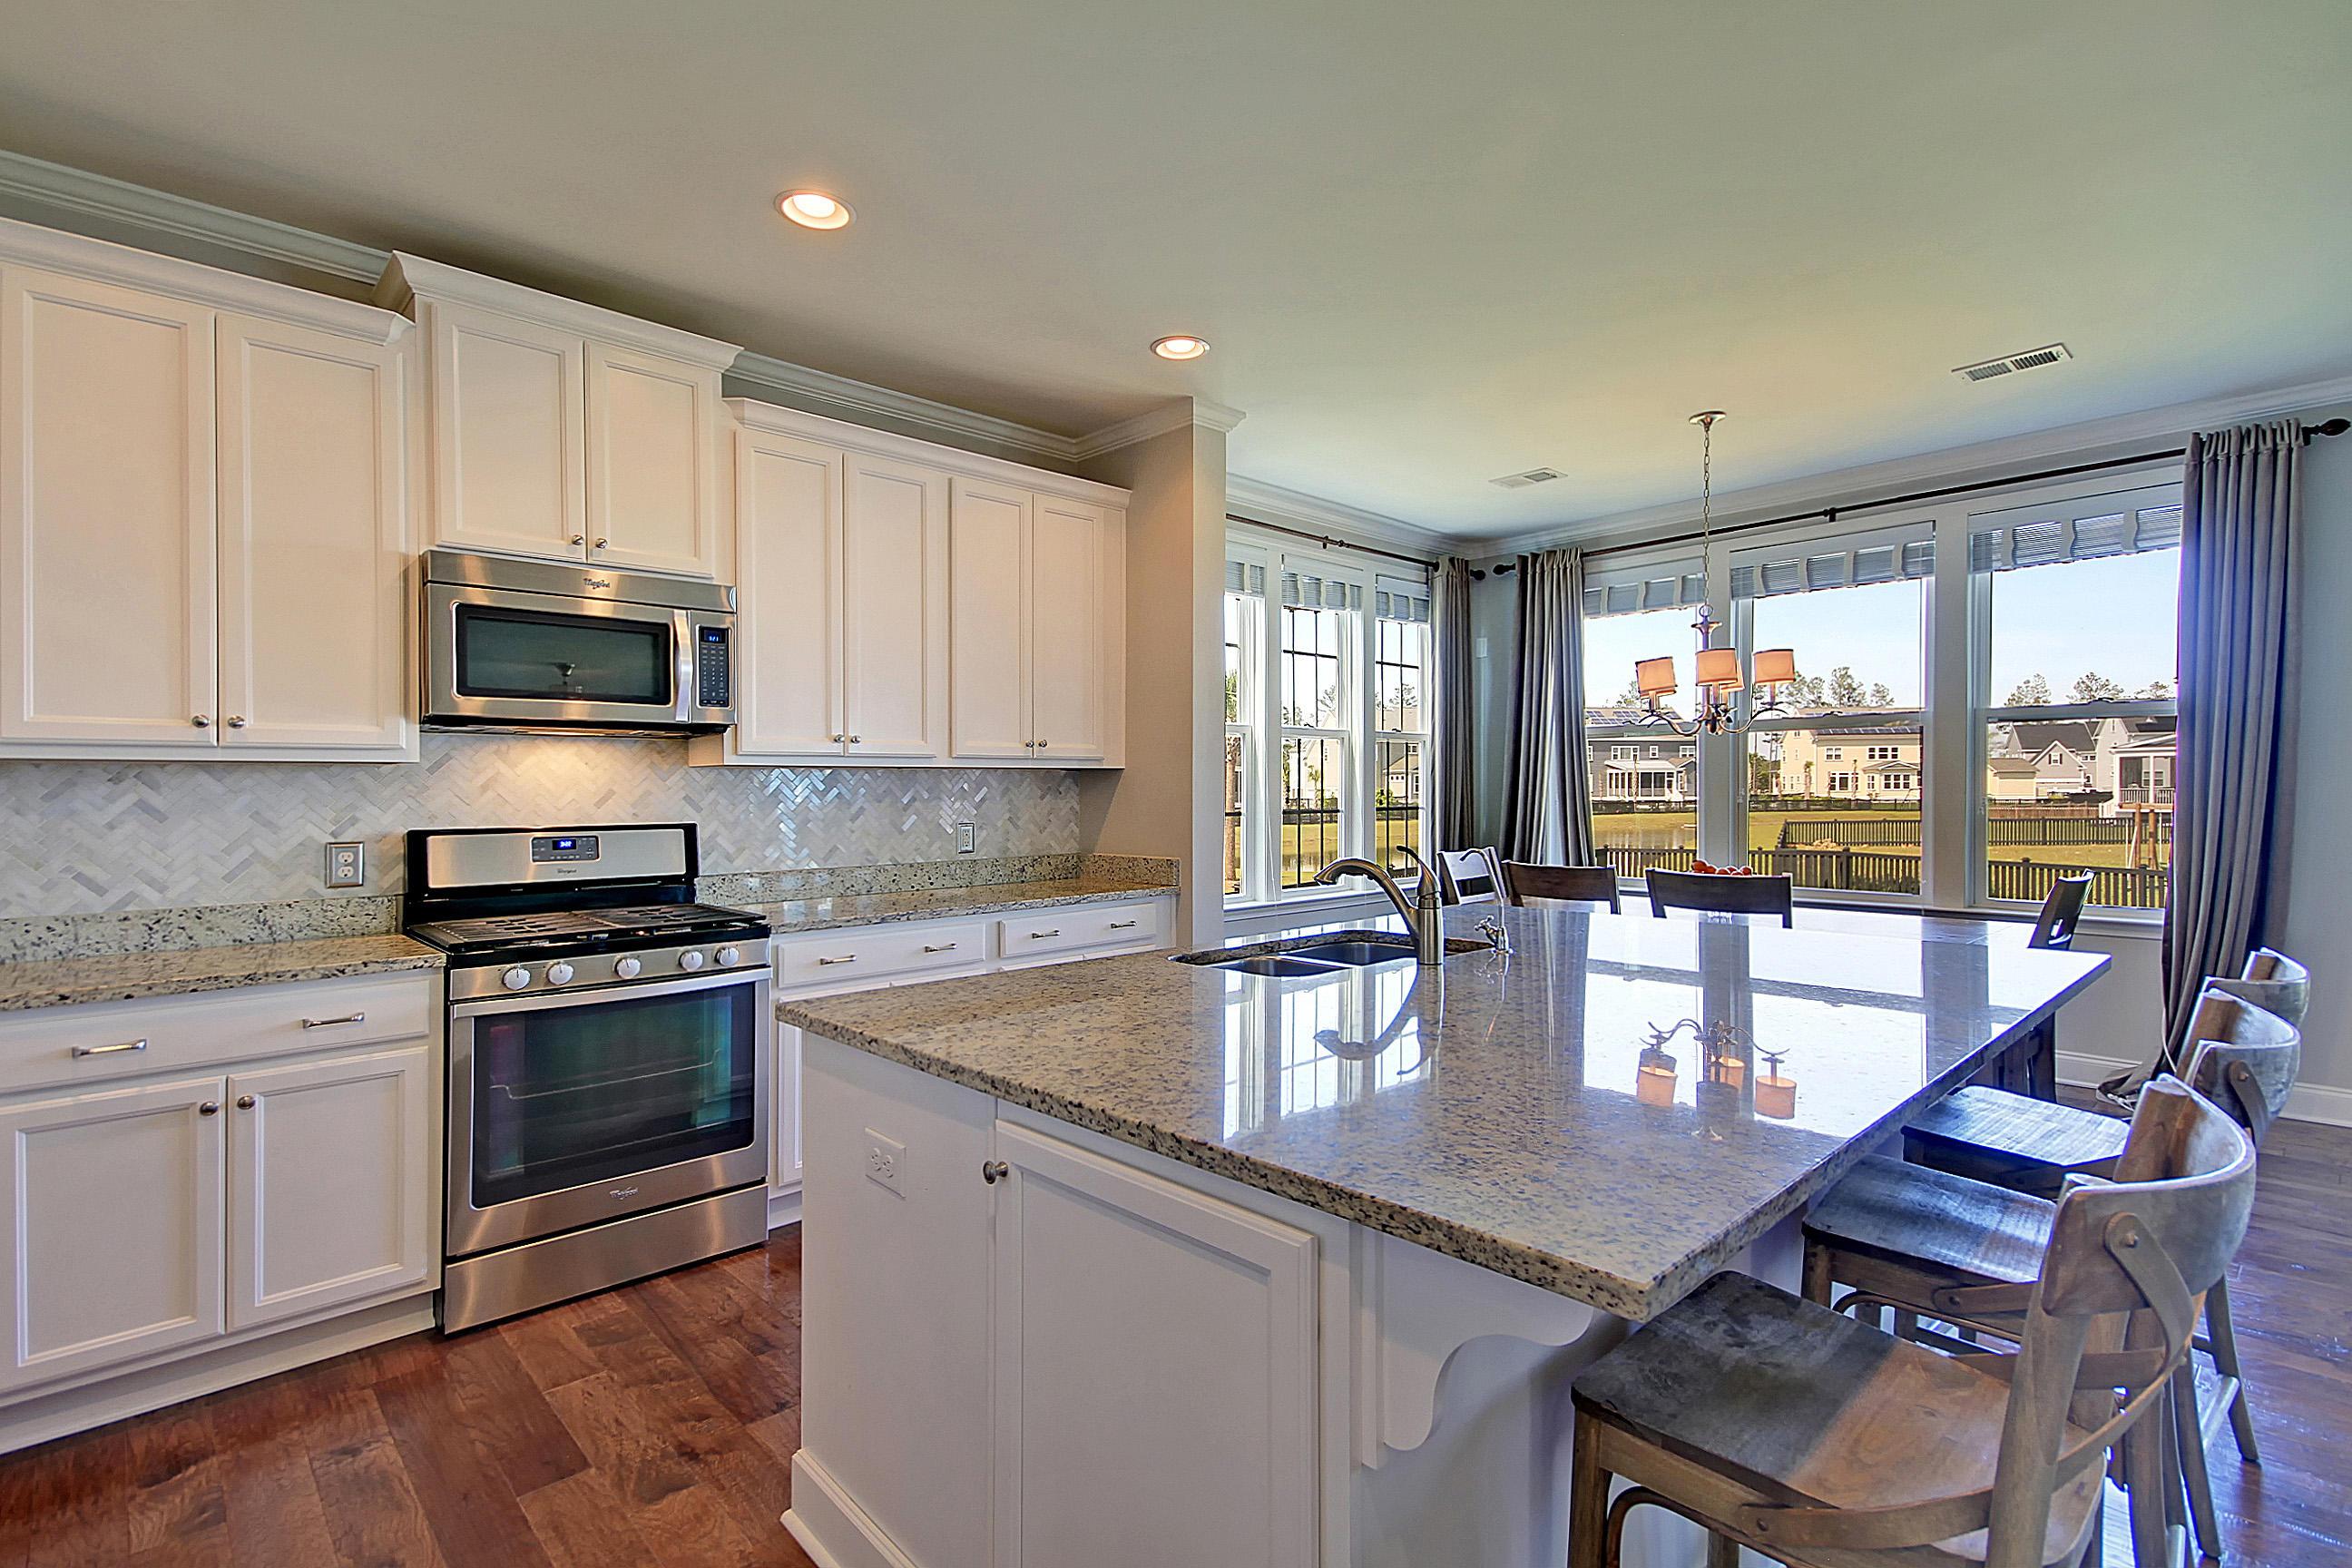 Dunes West Homes For Sale - 1420 Trip Line, Mount Pleasant, SC - 14